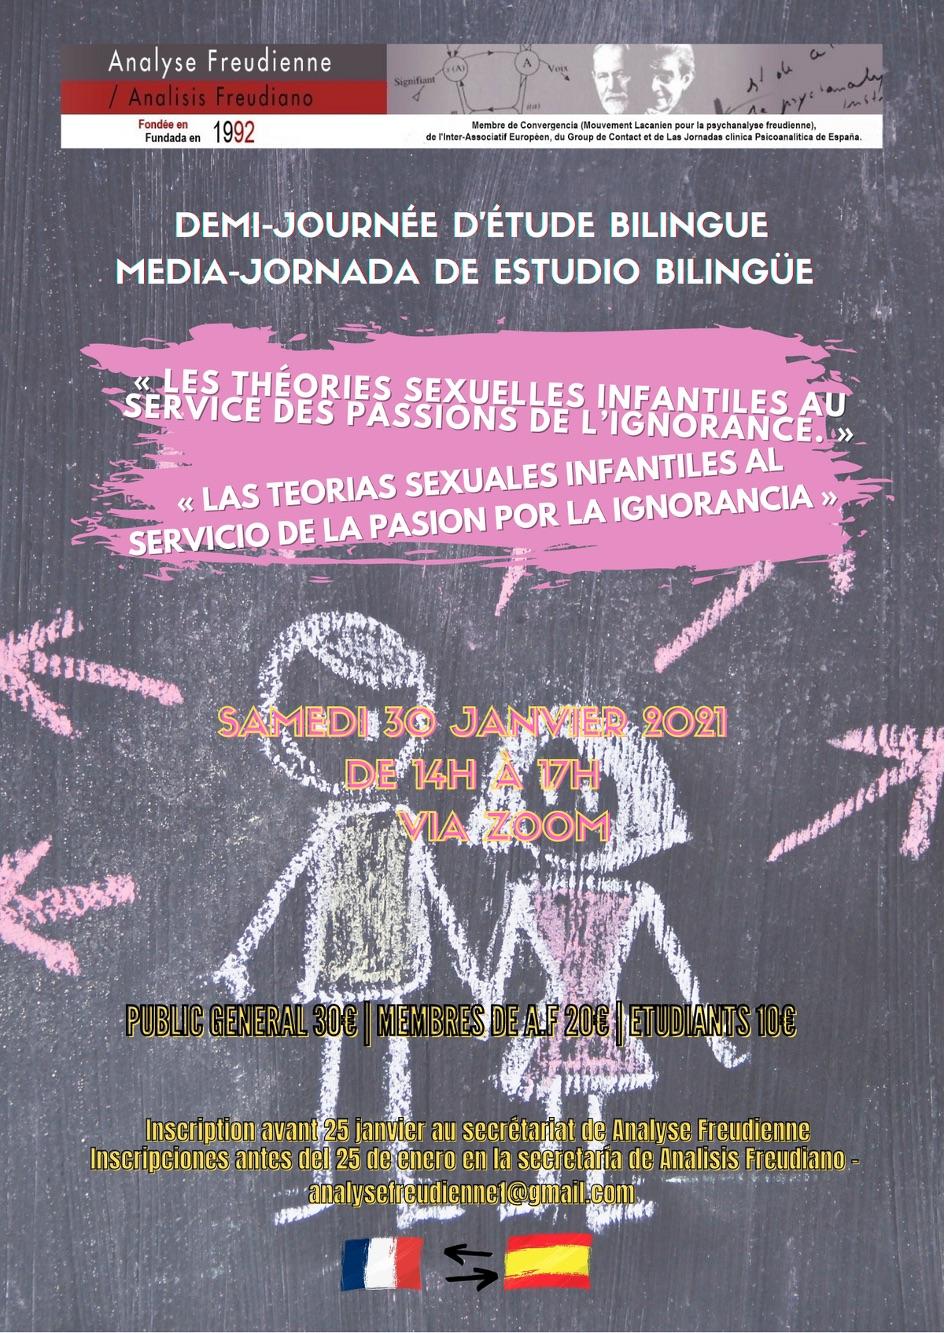 París Media Jornada de estudio – 30 de enero de 2021 VIA ZOOM